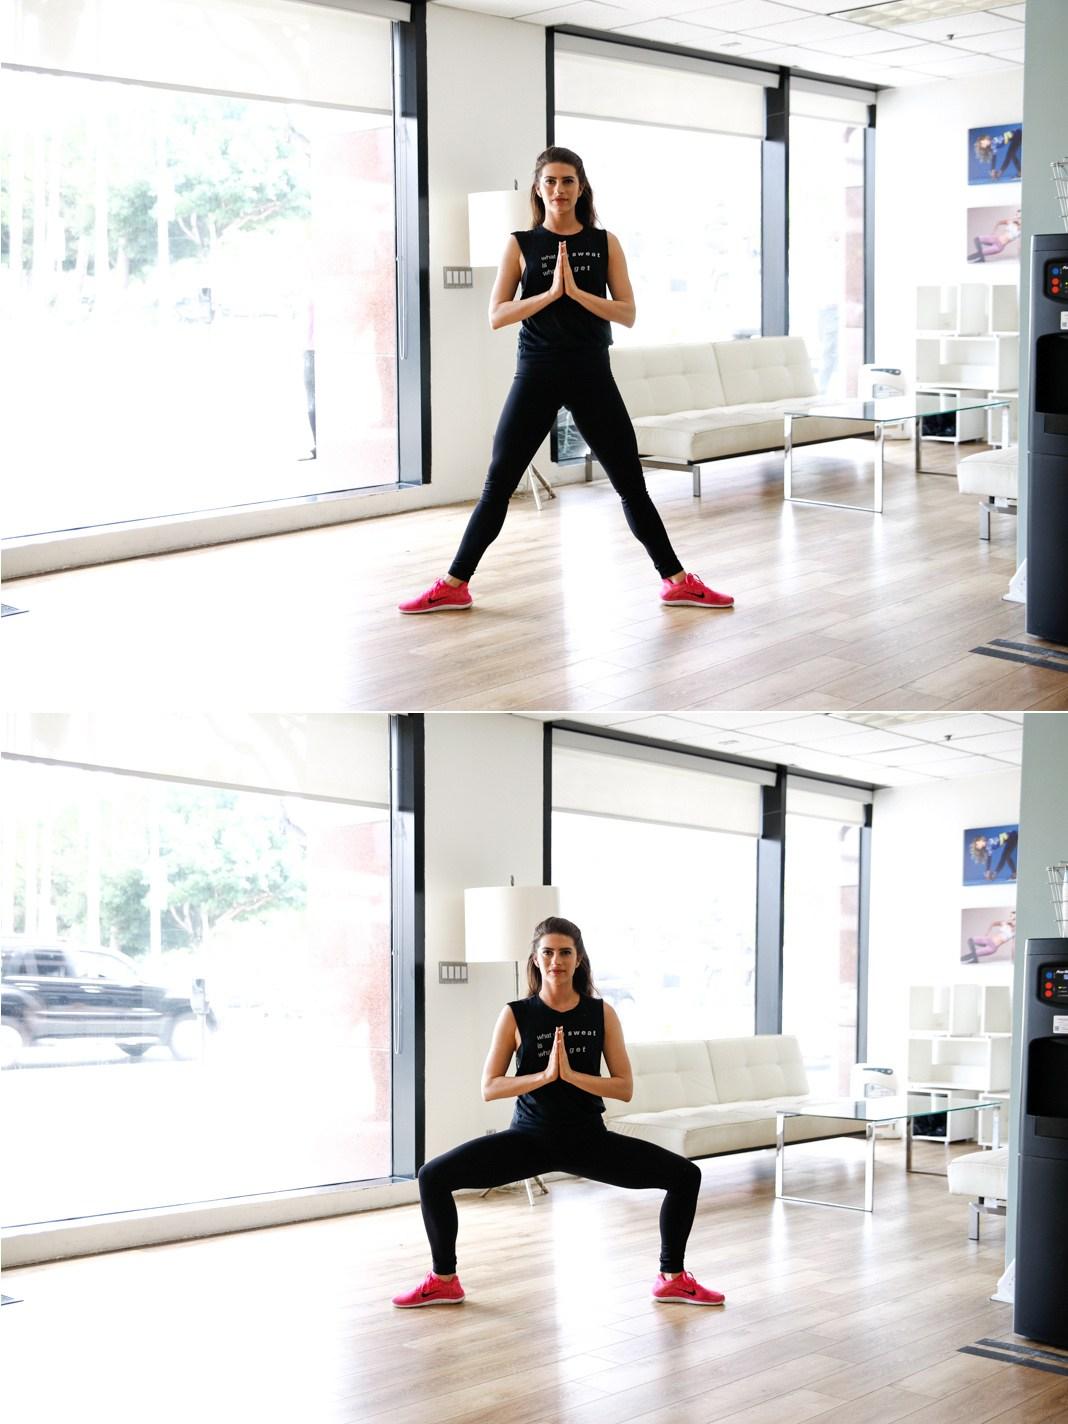 Sumo squat, fitness, equipment, butt exercises